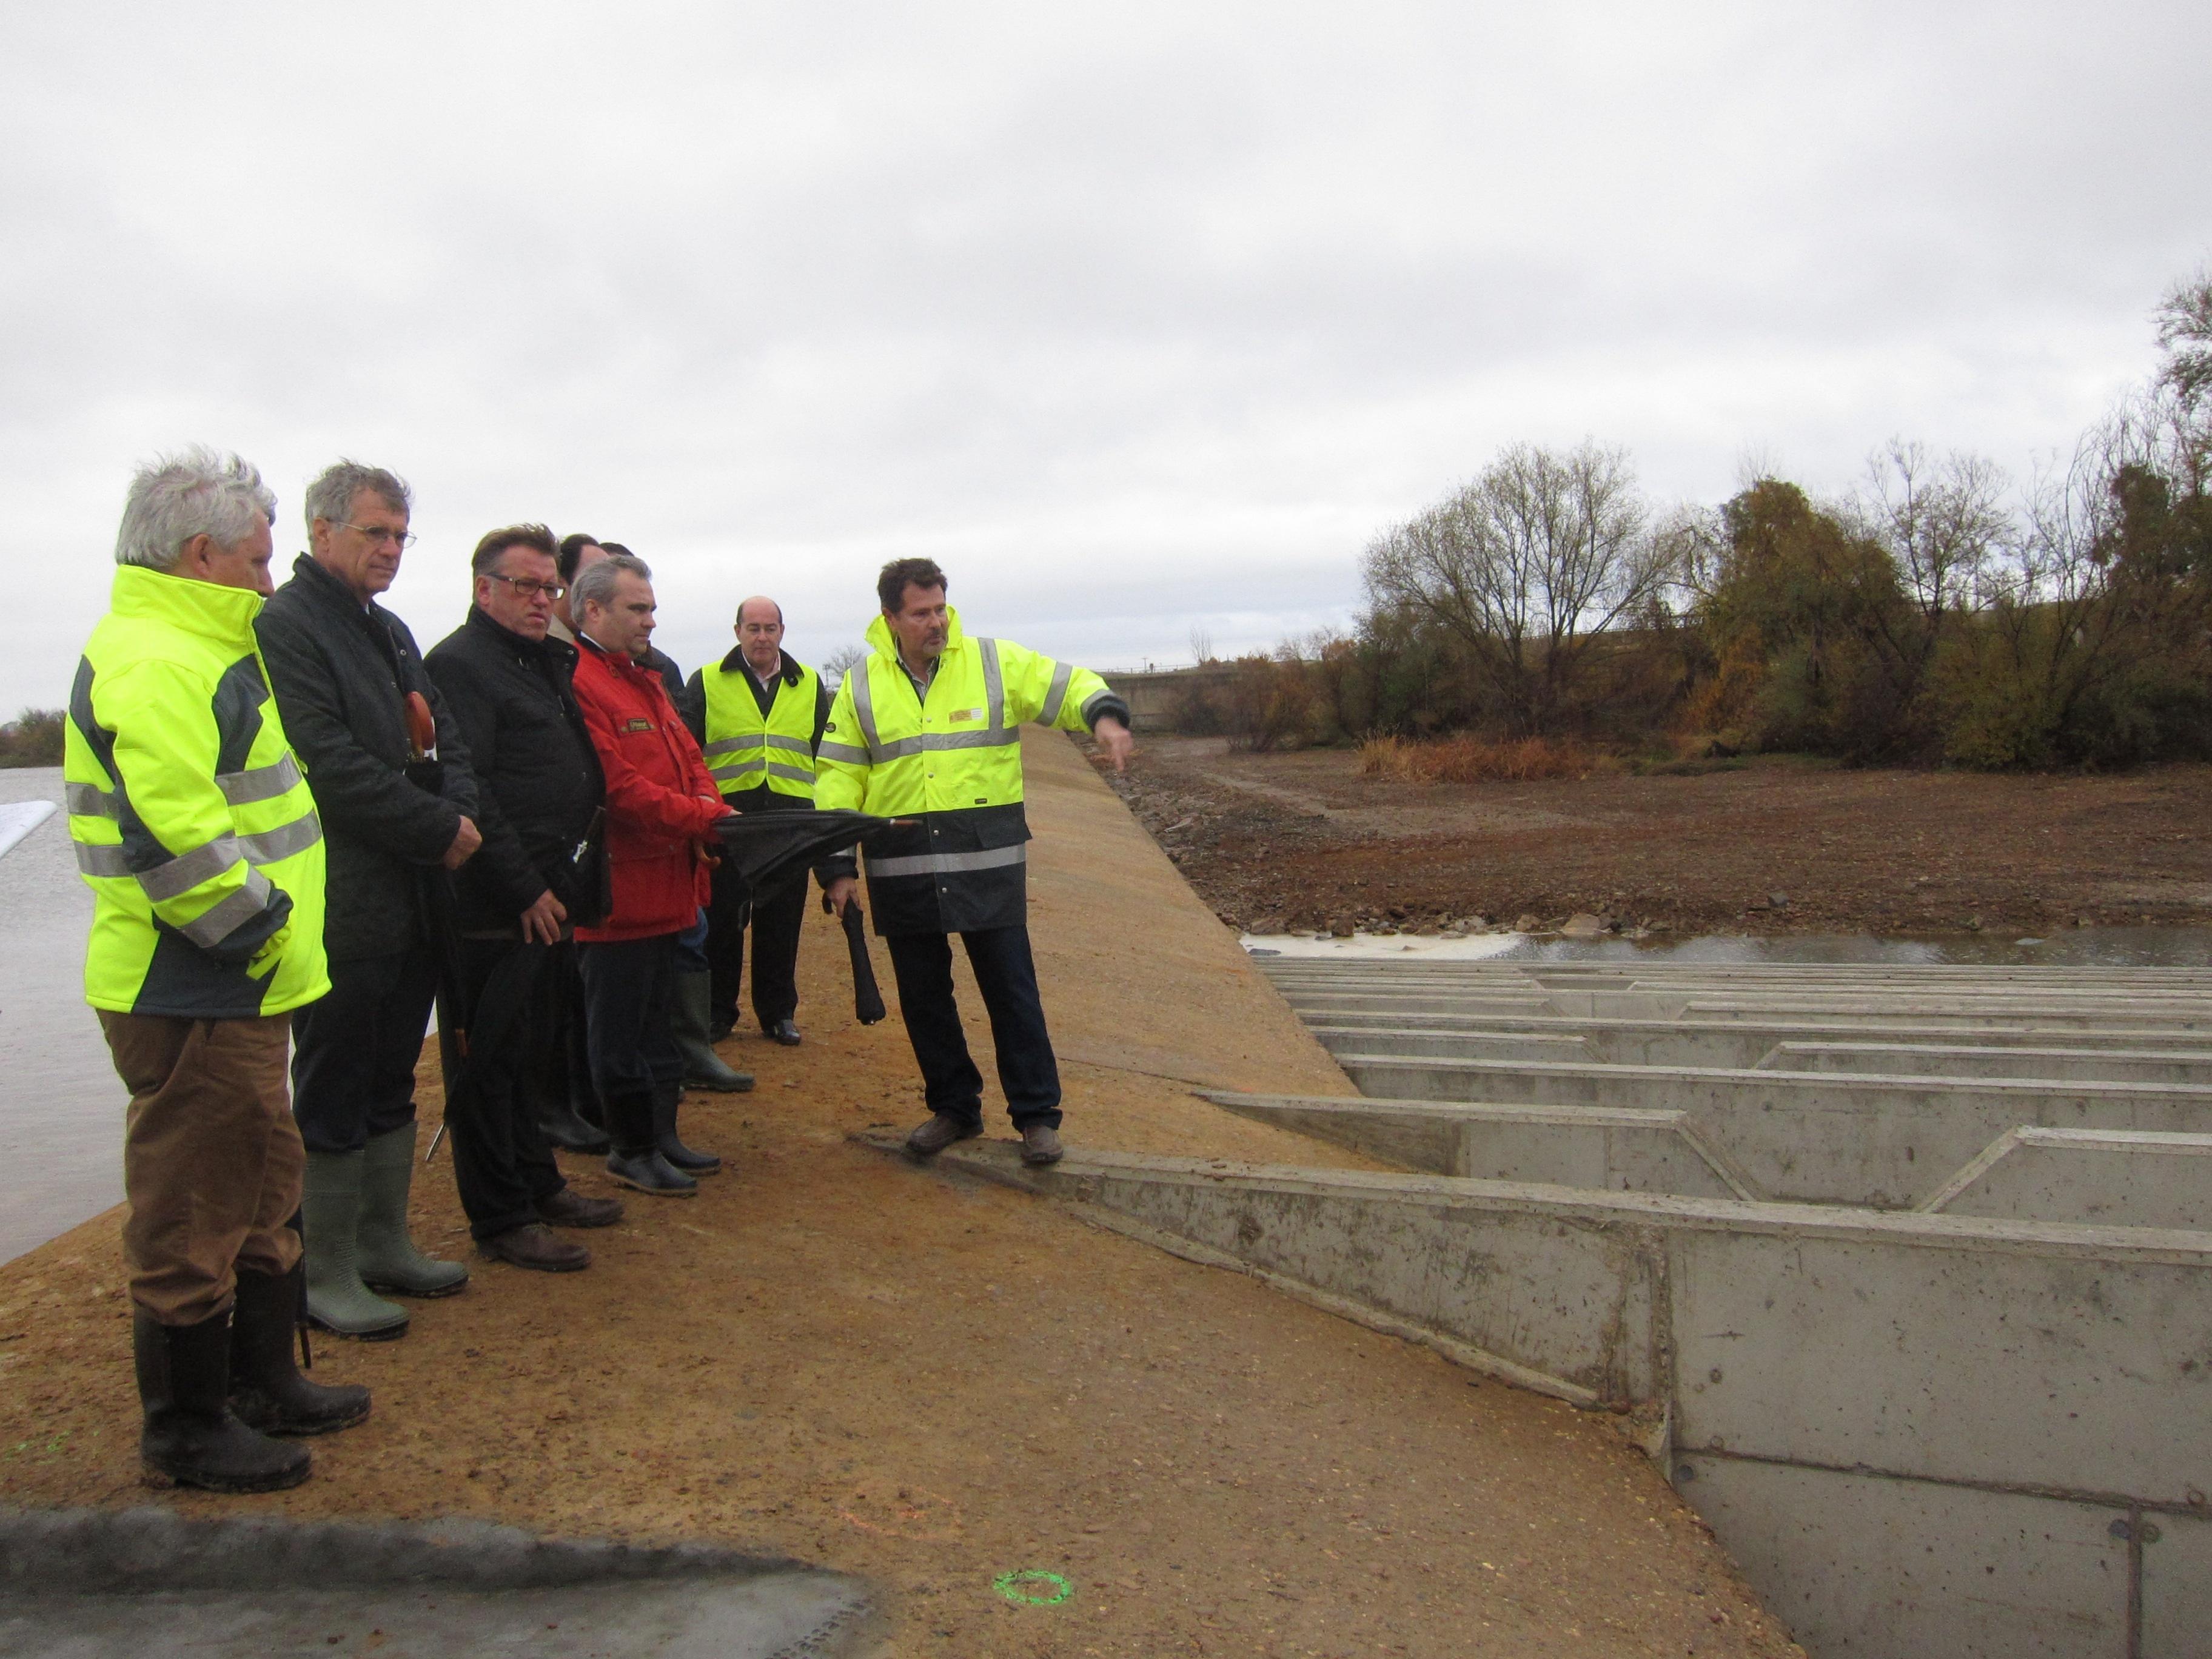 La Consejería de Fomento invertirá otros 900.000 euros en la reordenación y mejora de la carretera de Olivenza